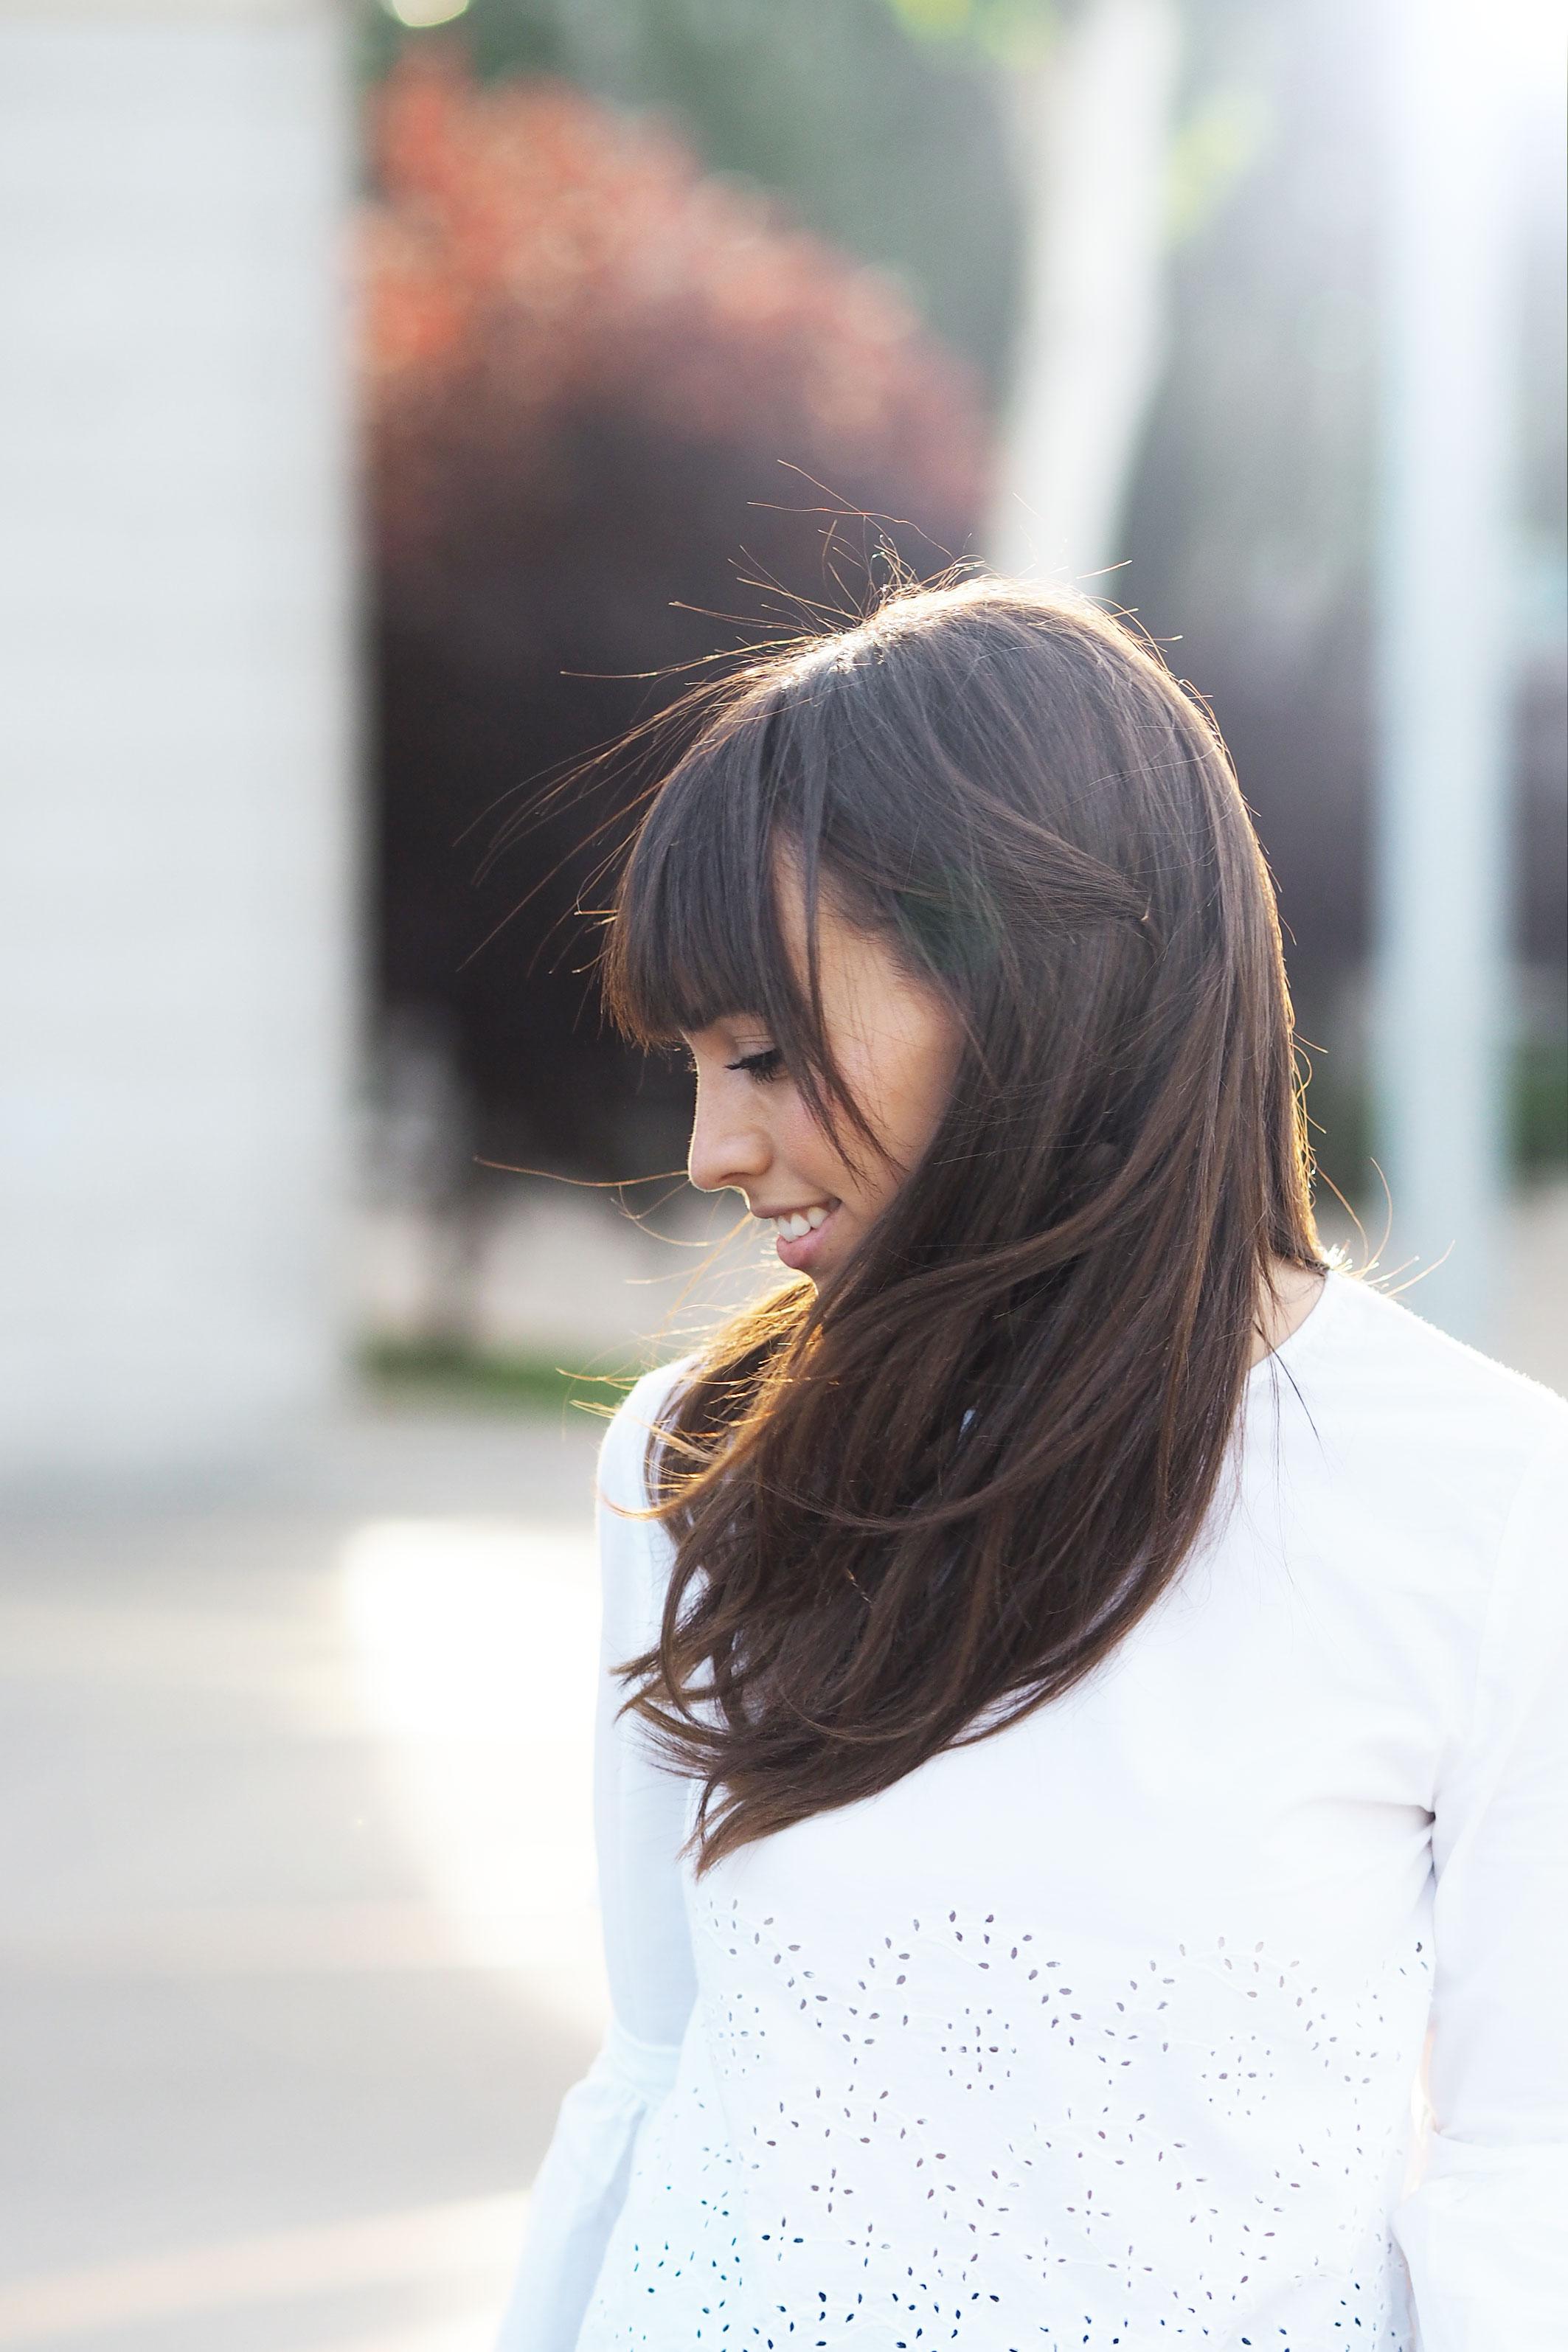 pelo rizado, peluqueria aquarela, alisado brasileño, alisado japones, cuidado cabello